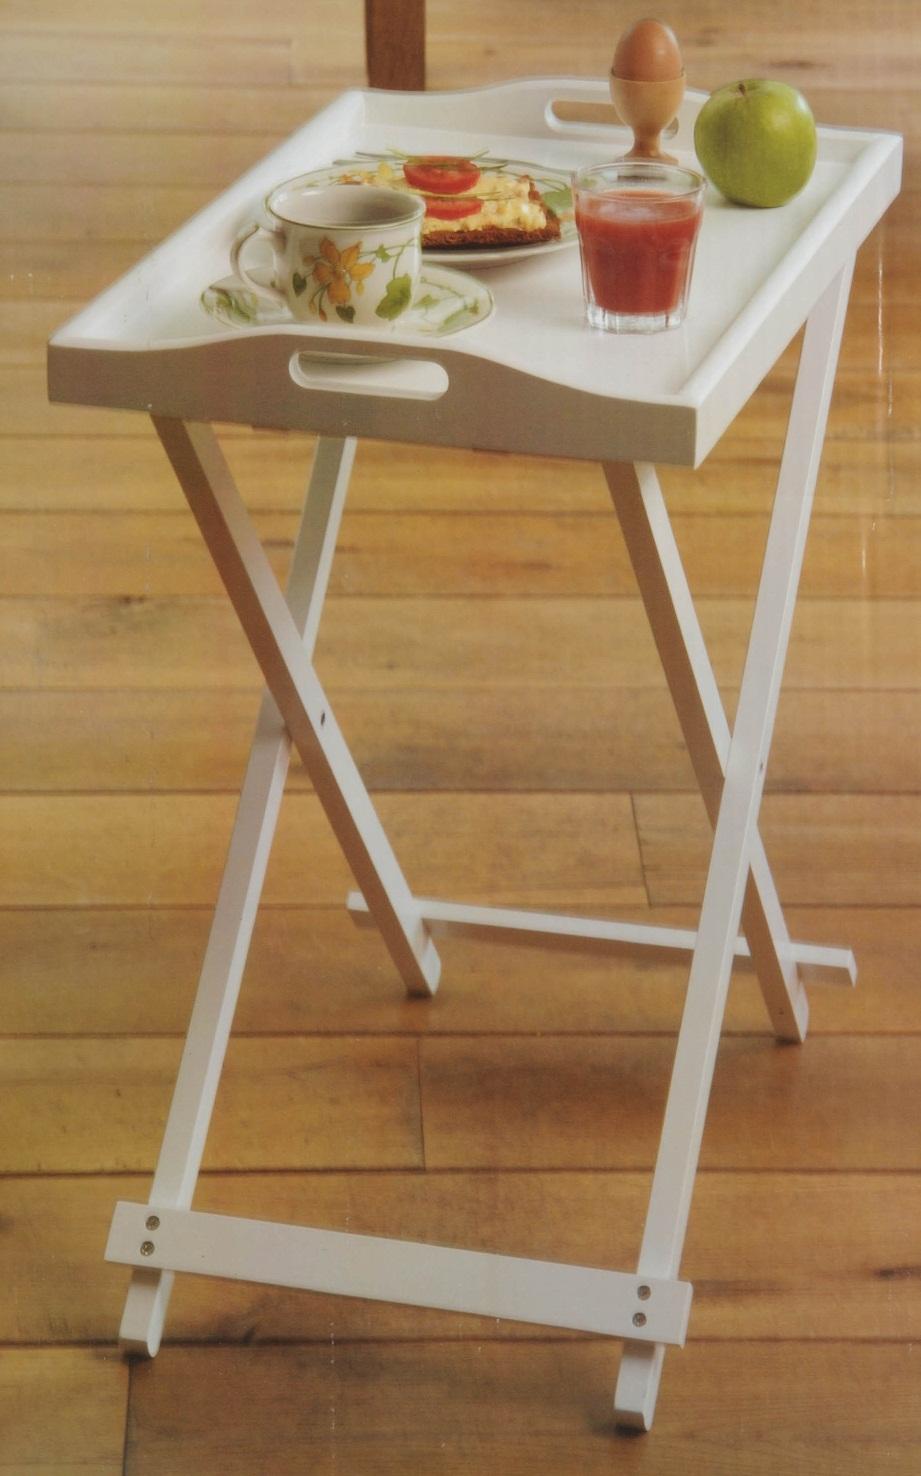 tablett tisch wei ikea 2017 08 12 08 11 03 erhalten sie entwurf inspiration f r. Black Bedroom Furniture Sets. Home Design Ideas